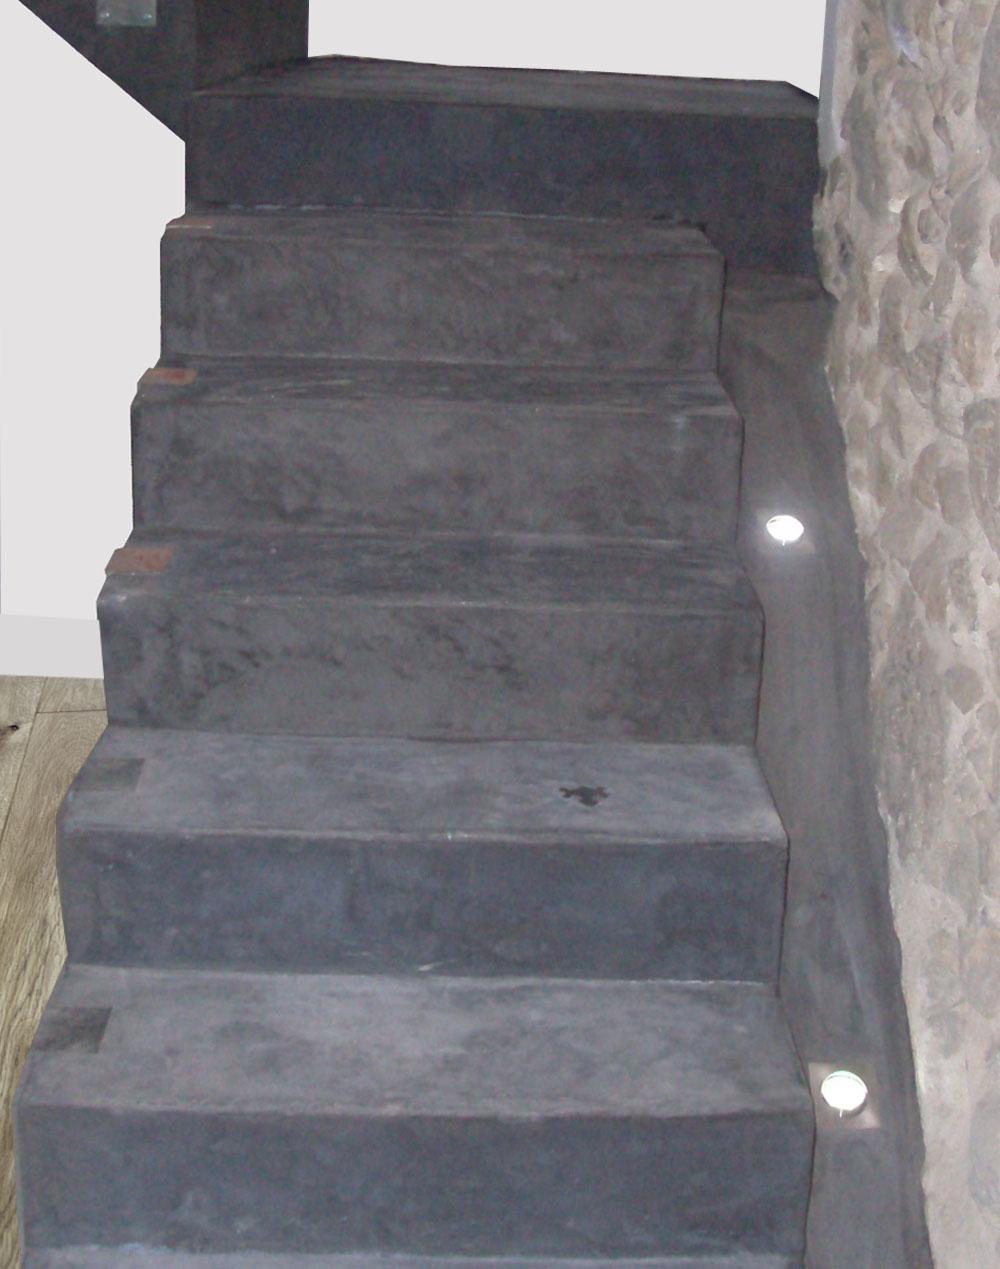 peinture effet d coratif simab fabricant peinture et vernis en vend e. Black Bedroom Furniture Sets. Home Design Ideas